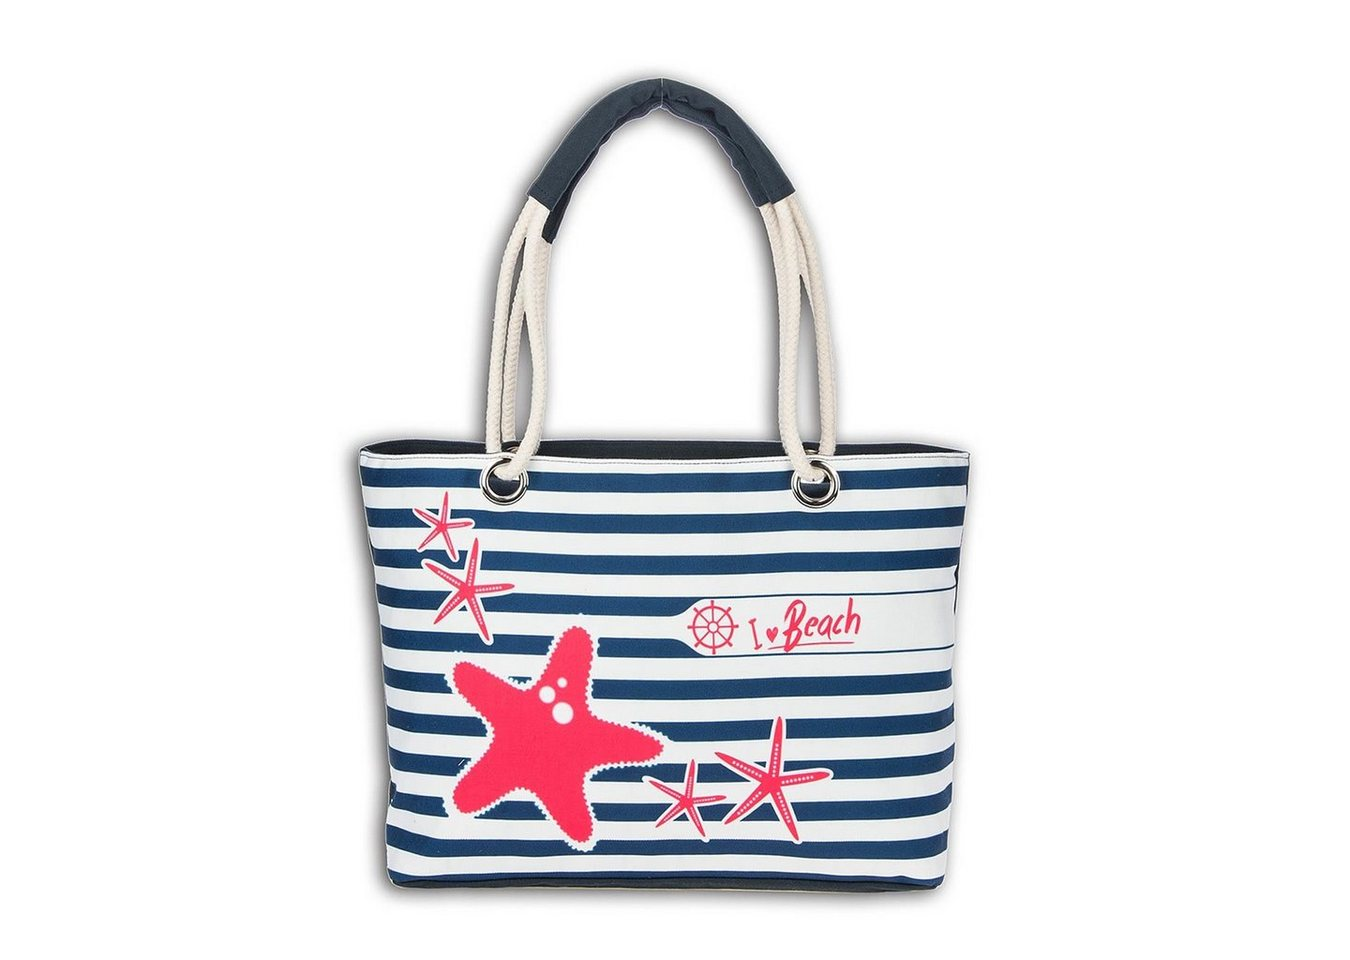 robin ruth -  Schultertasche »OTG2096BW  Strandtasche Canvas blau weiß« (Strandtasche), Strandtasche, Schultertasche Baumwolle, Polyester, blau, weiß ca. 48cm x ca. 29cm